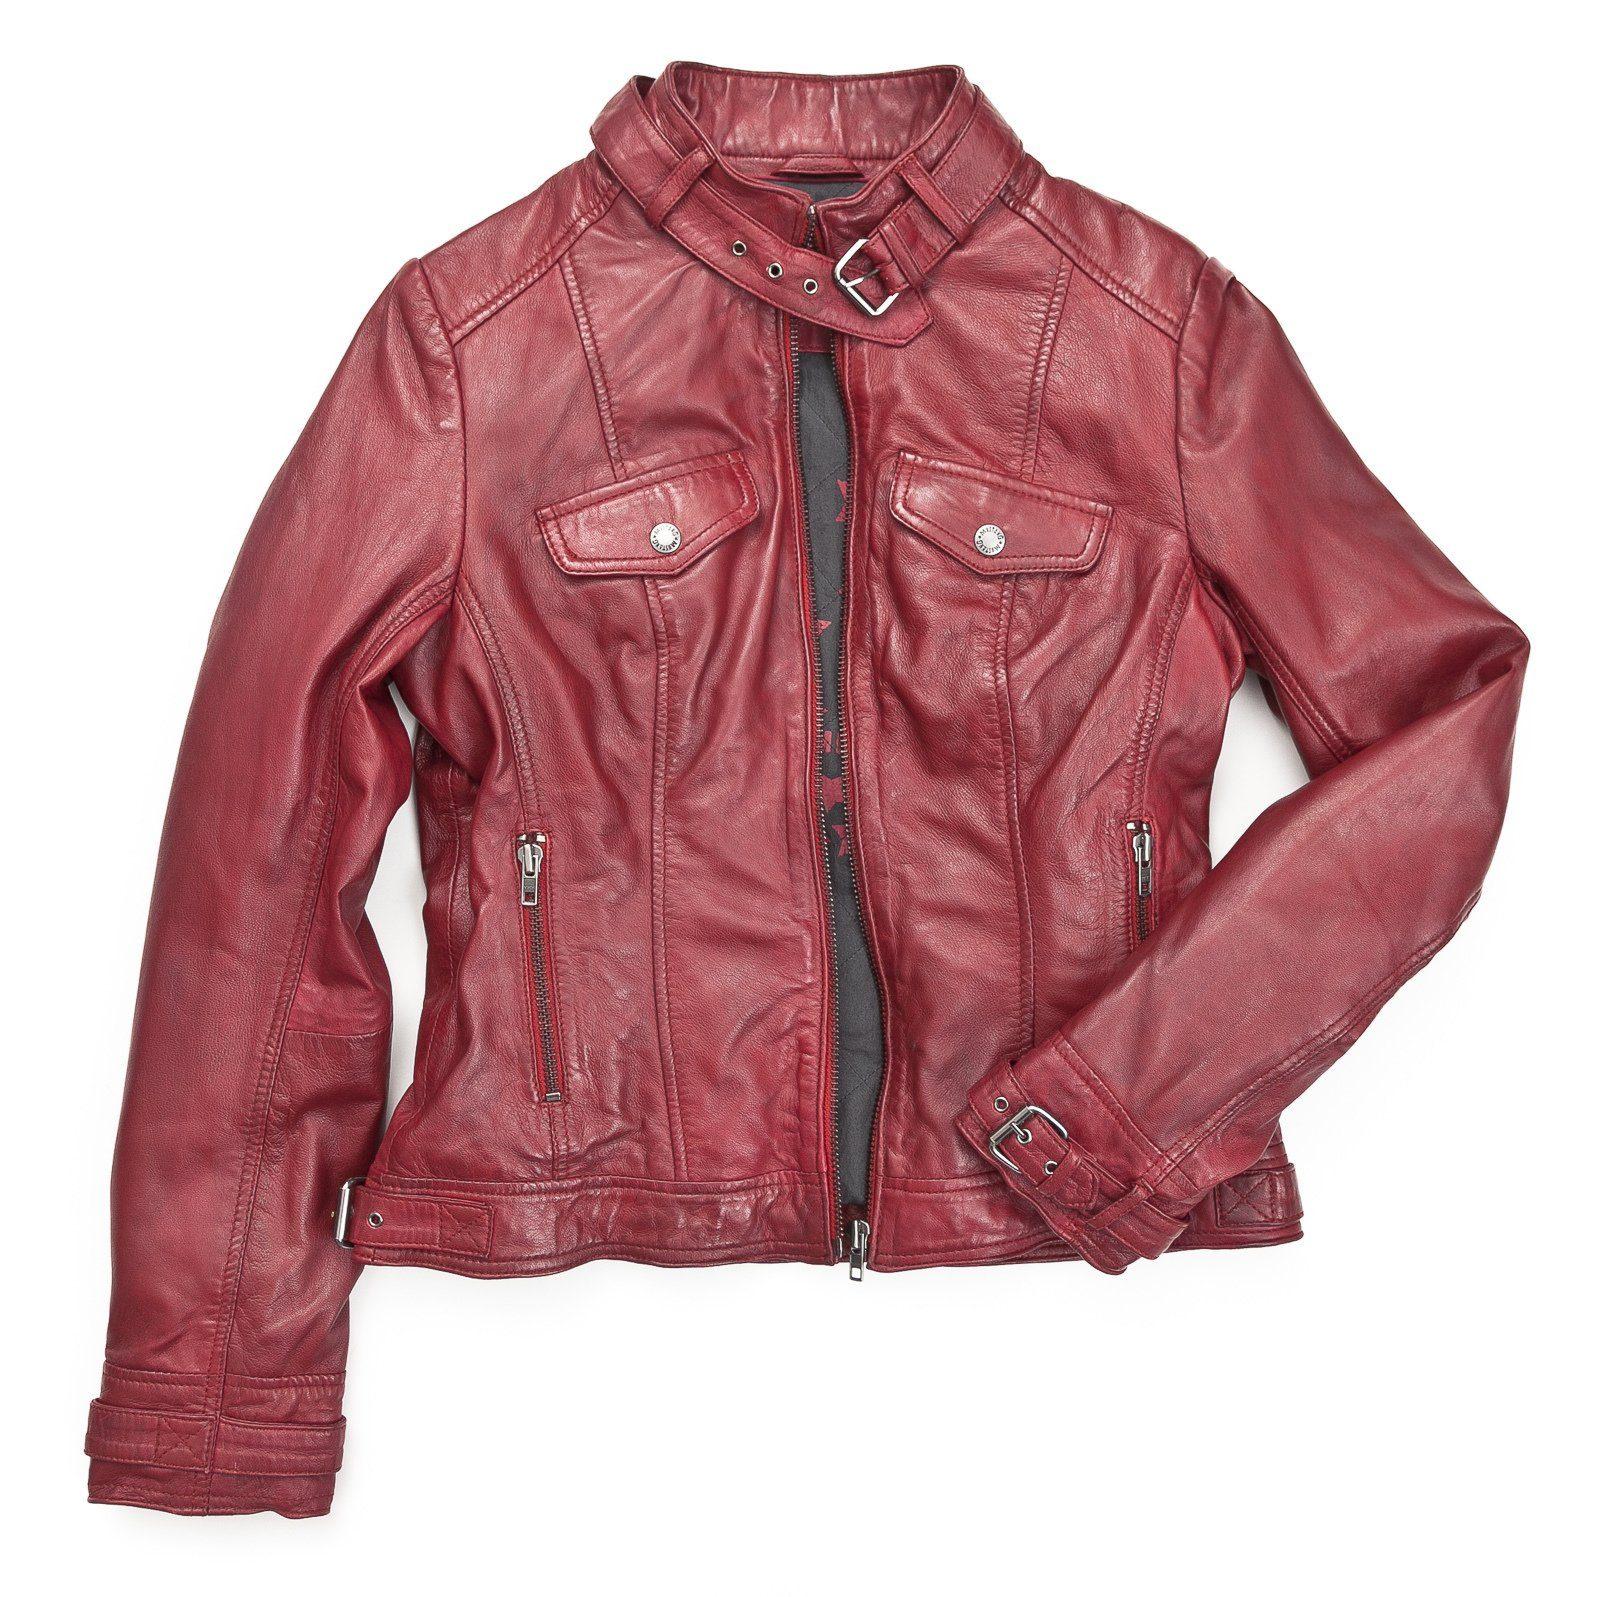 Mustang Lederjacke, Damen »Helen«, Echtes Leder online kaufen | OTTO